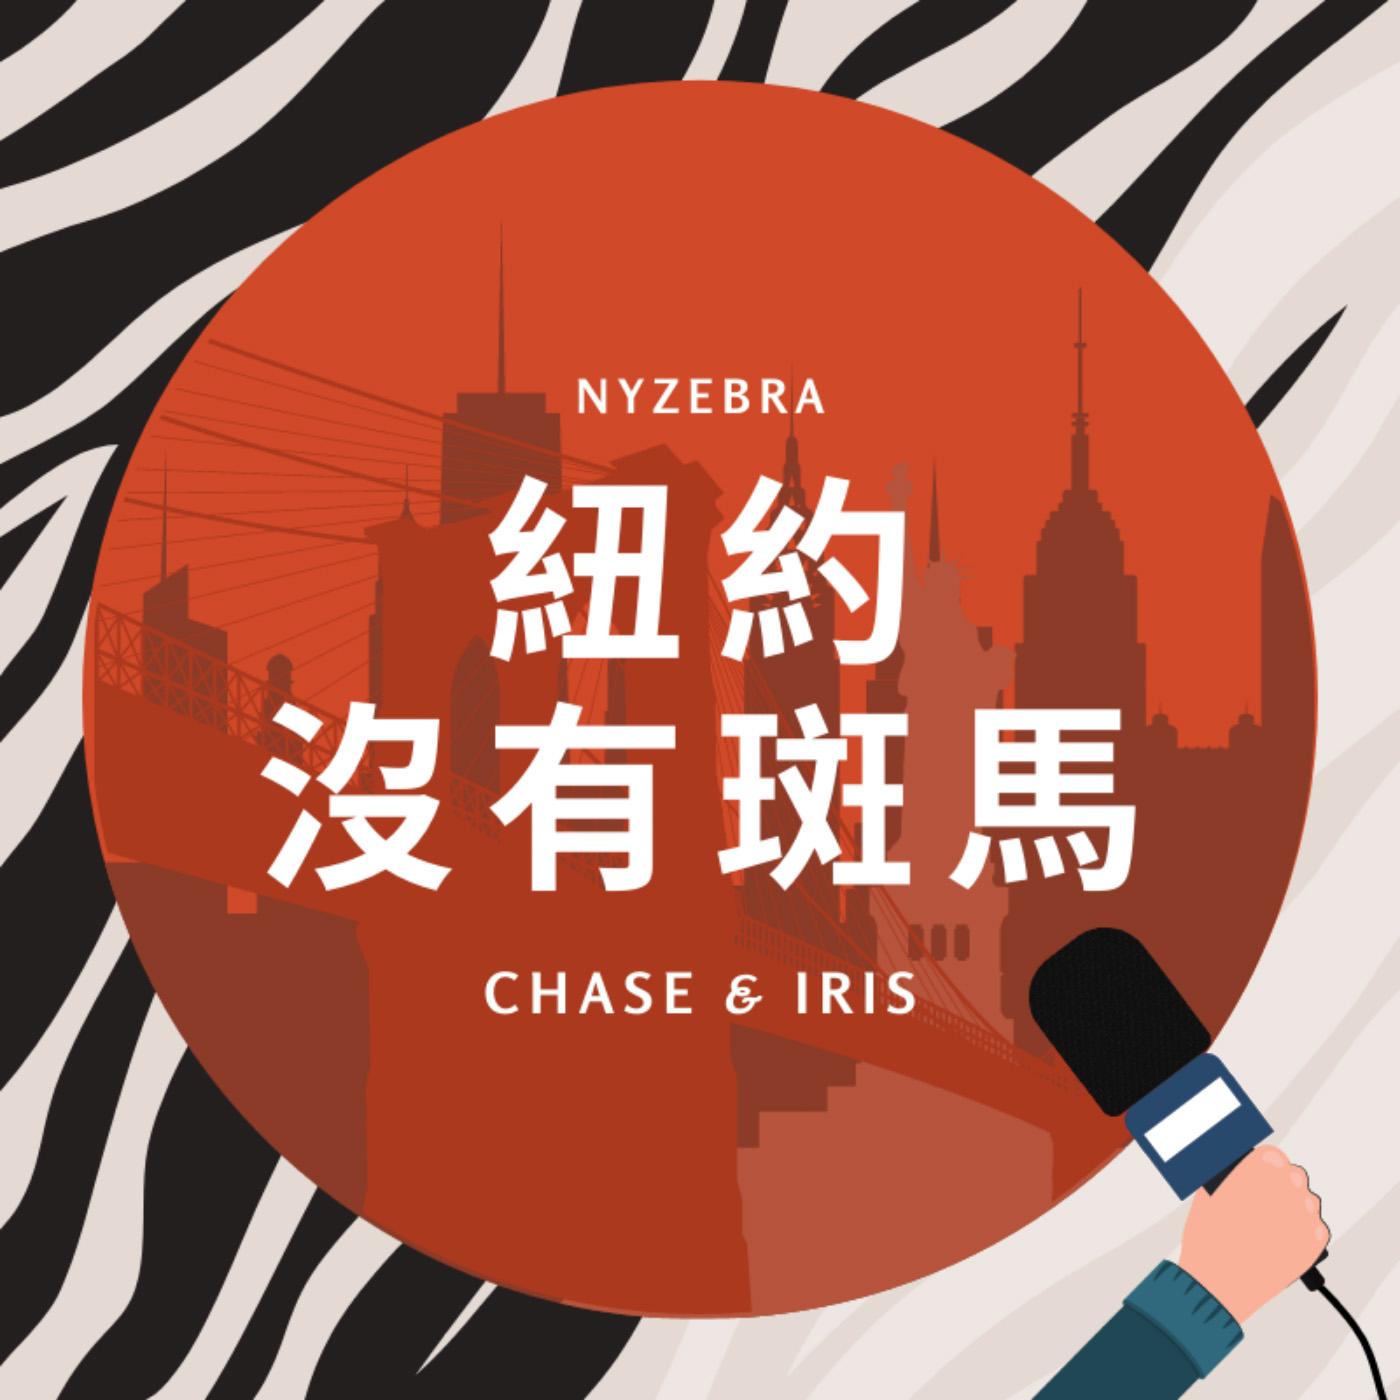 第 34 集|輕鬆達成新年目標的秘訣:台灣人十大願望、第一次滑雪就撞樹、做愛禁忌感